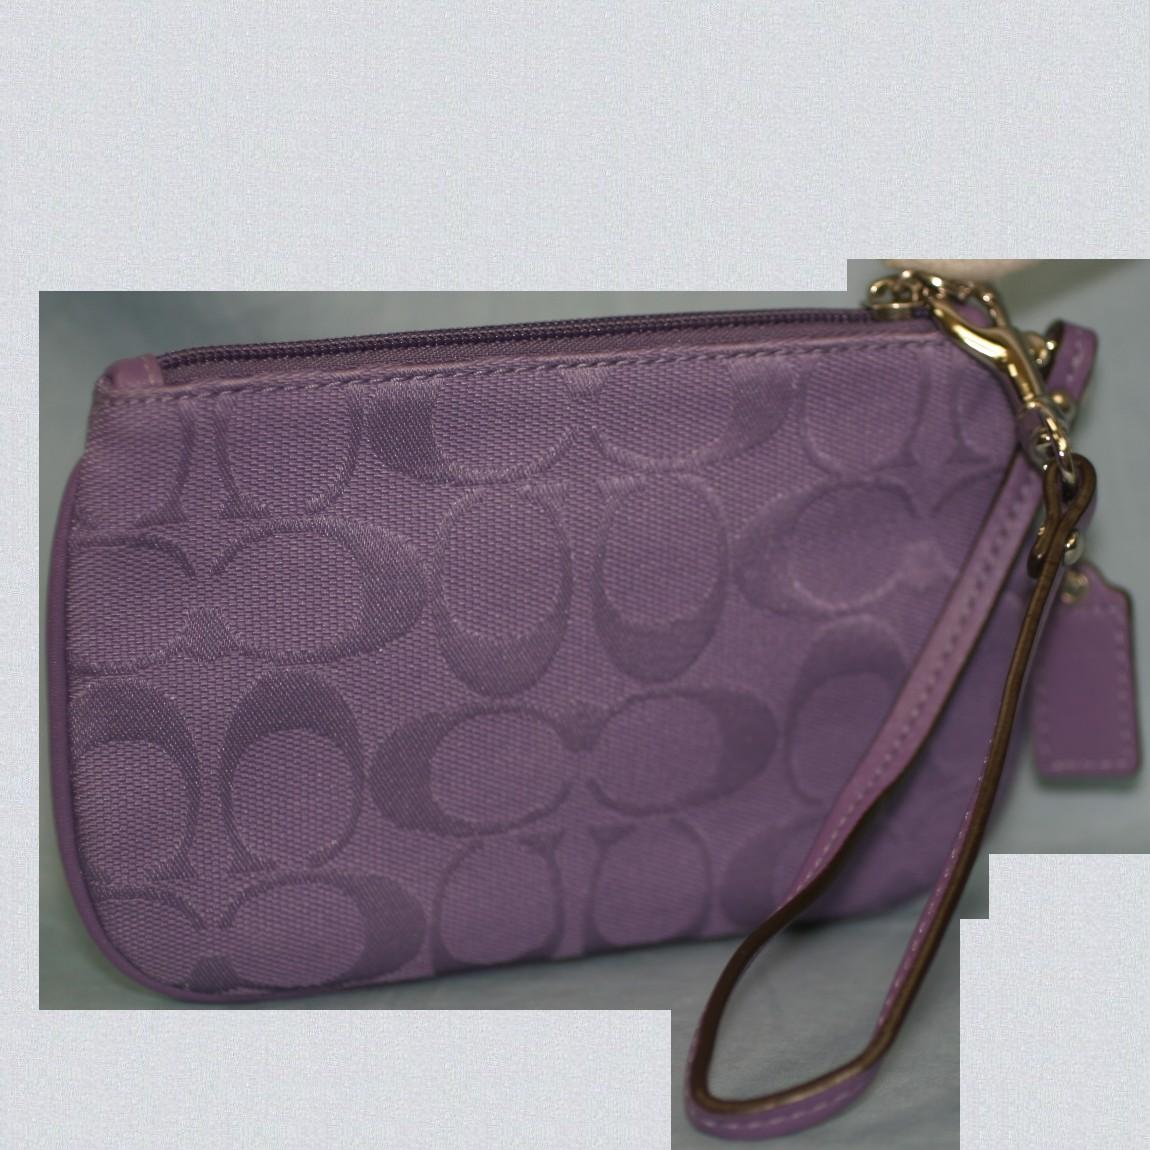 【中古】本物新品未使用コーチ女性用紫色シグネチャー17cmリストレットハンドポーチF45659